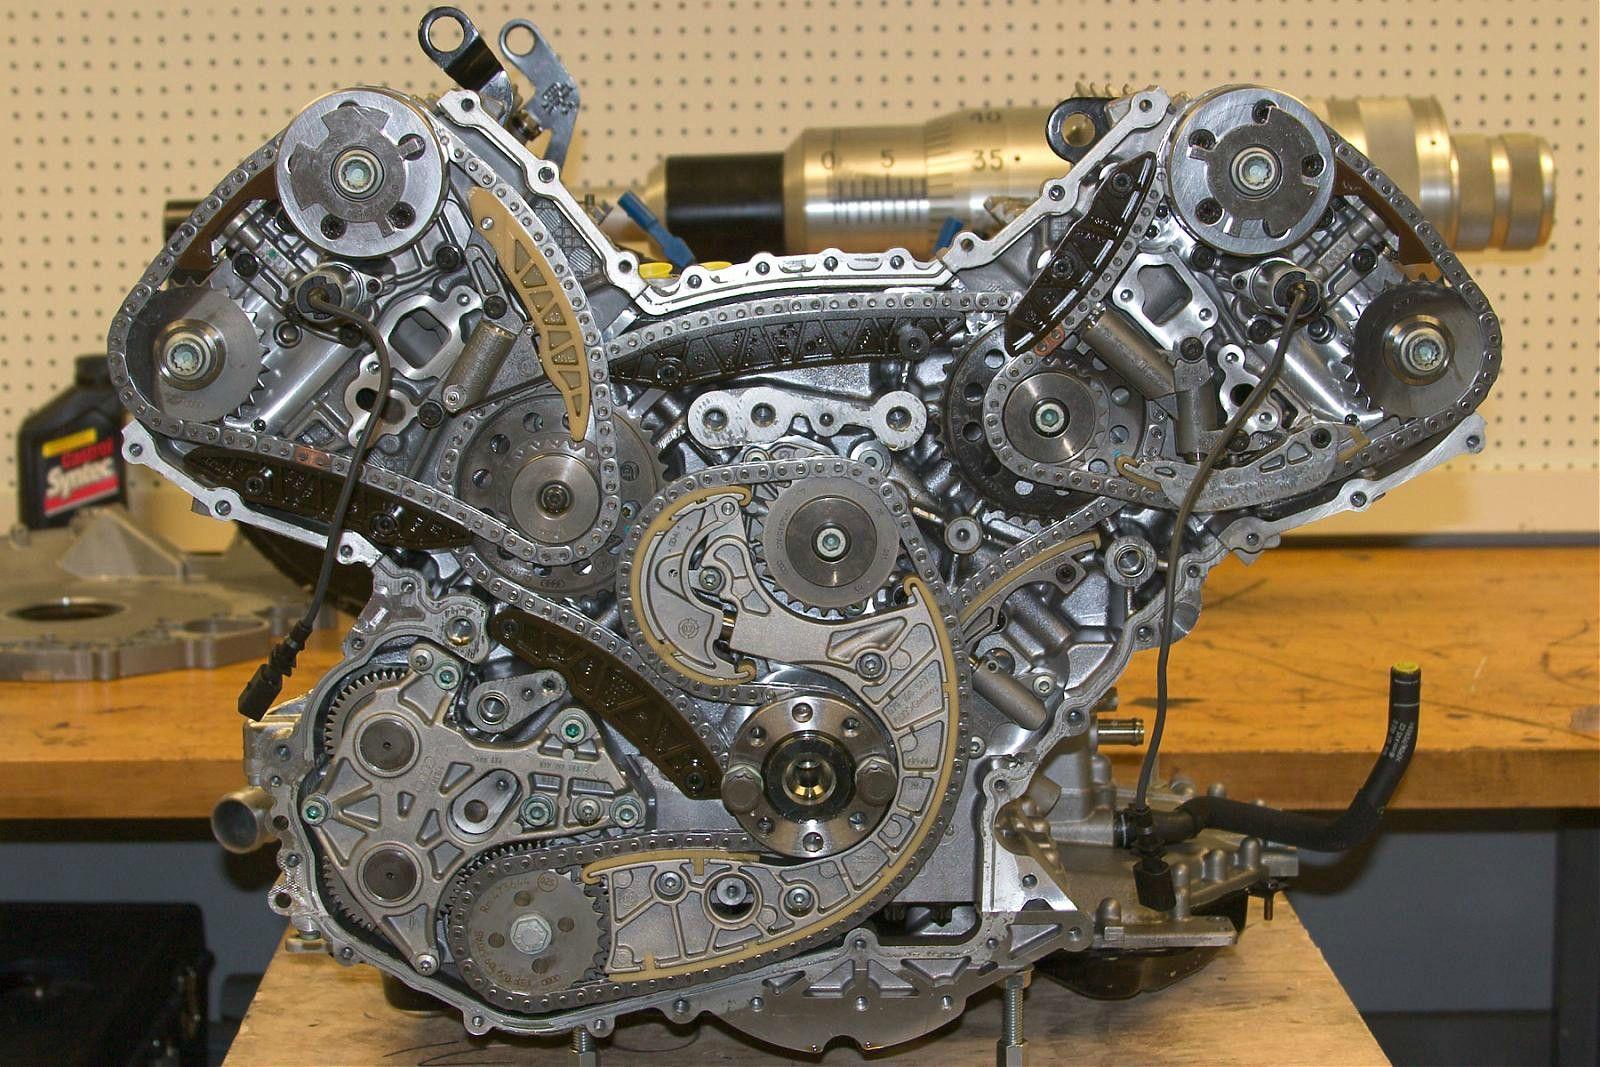 audi 4 2 v8 engine diagram circuit diagram symbols u2022 rh blogospheree com 2001 Ford-F150 -4-2L-Engine-Diagram Jeep 4.2 Engine Vacuum Diagram